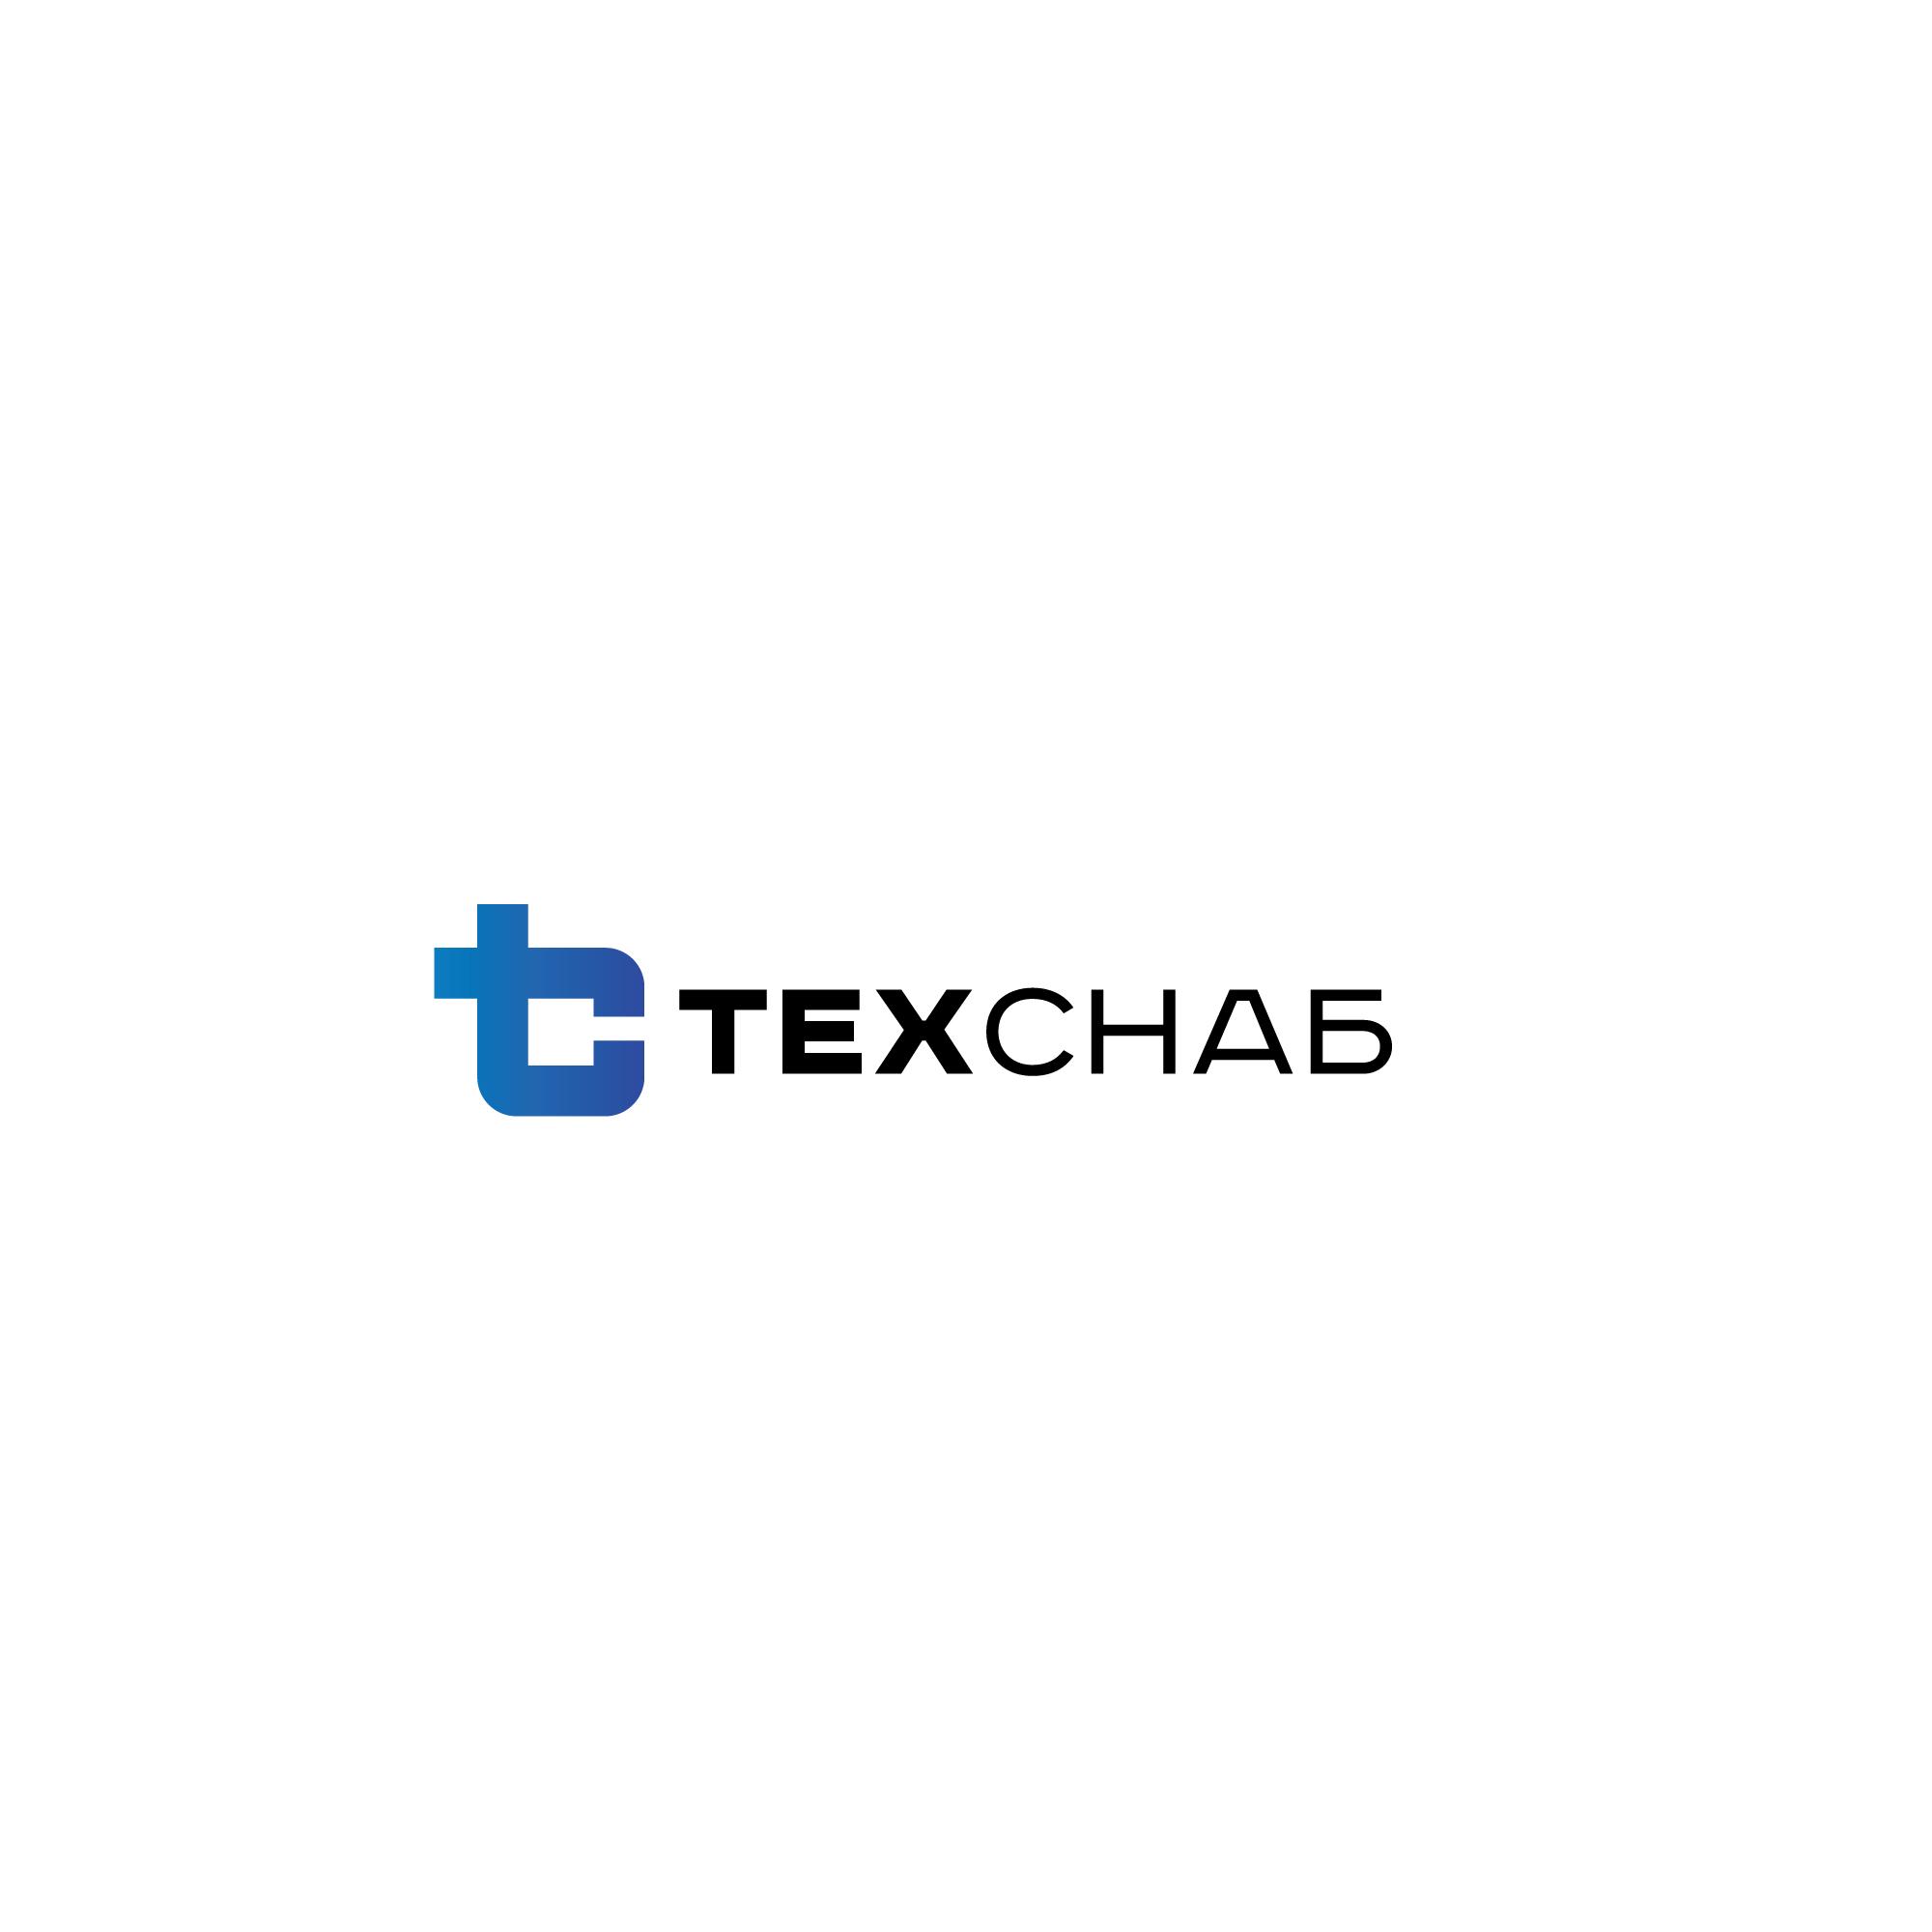 Разработка логотипа и фирм. стиля компании  ТЕХСНАБ фото f_2835b1eb0a08664e.jpg